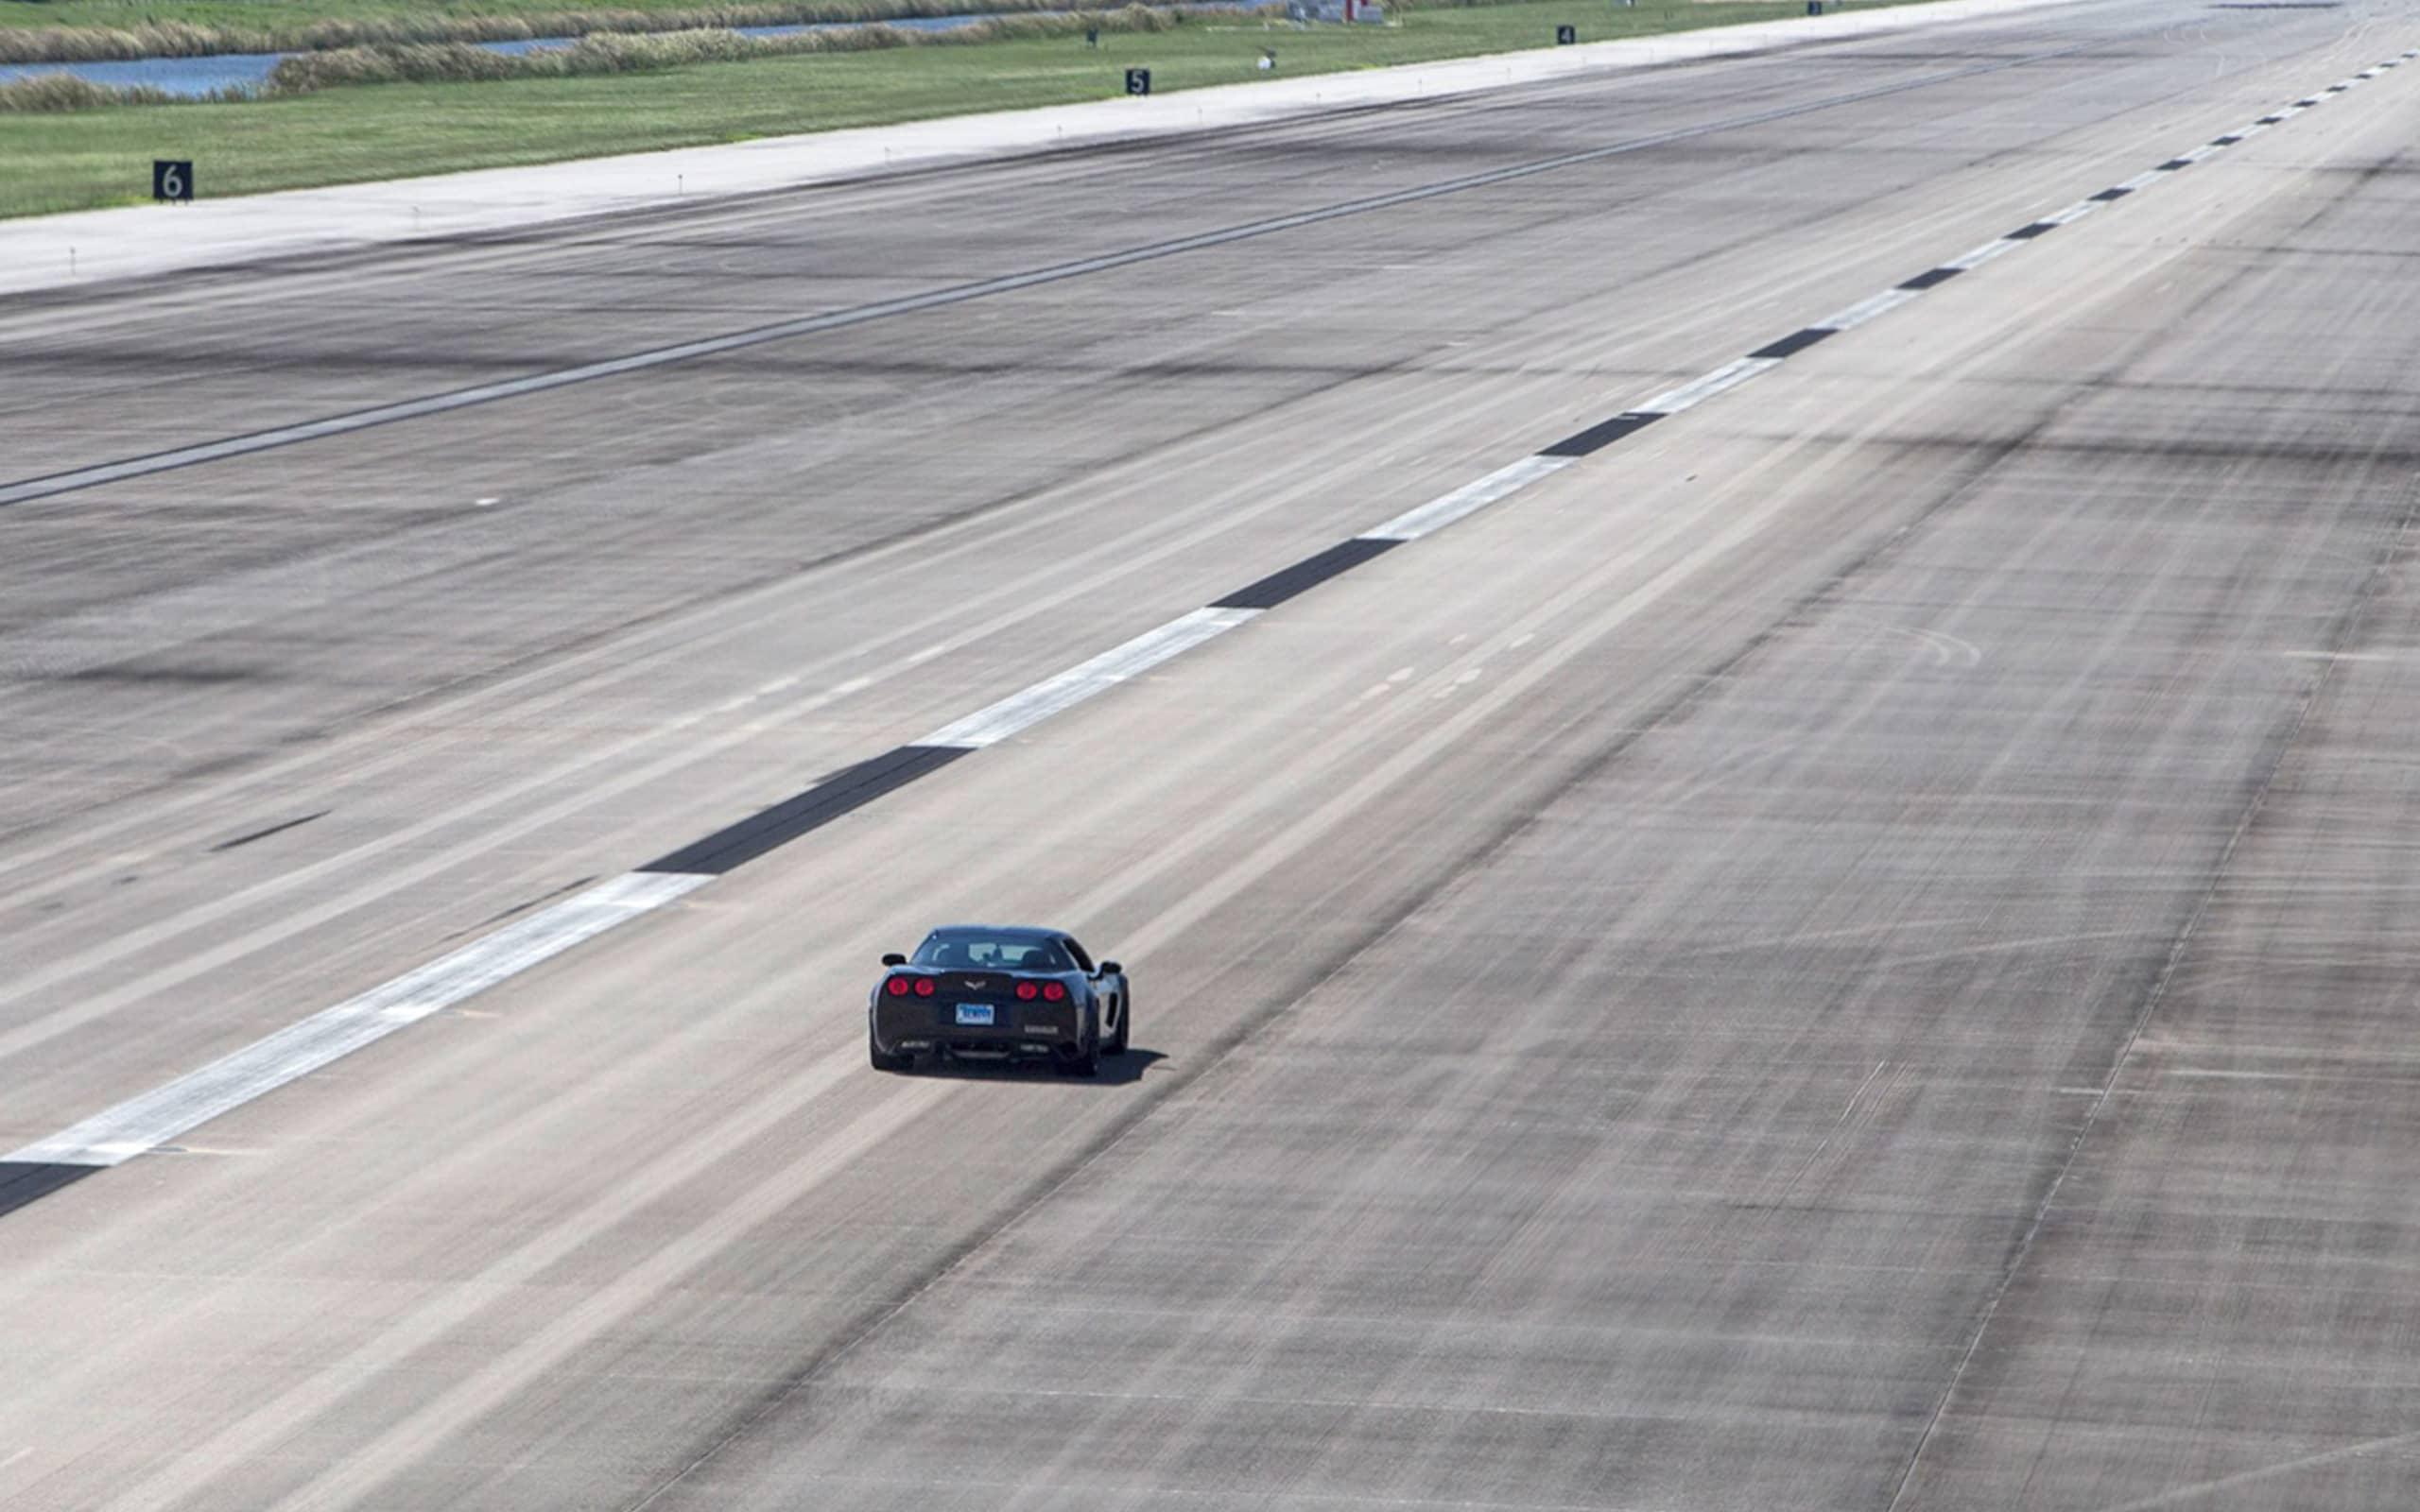 GXE : record du monde de vitesse pour une voiture électrique, 330,9 km/h 8